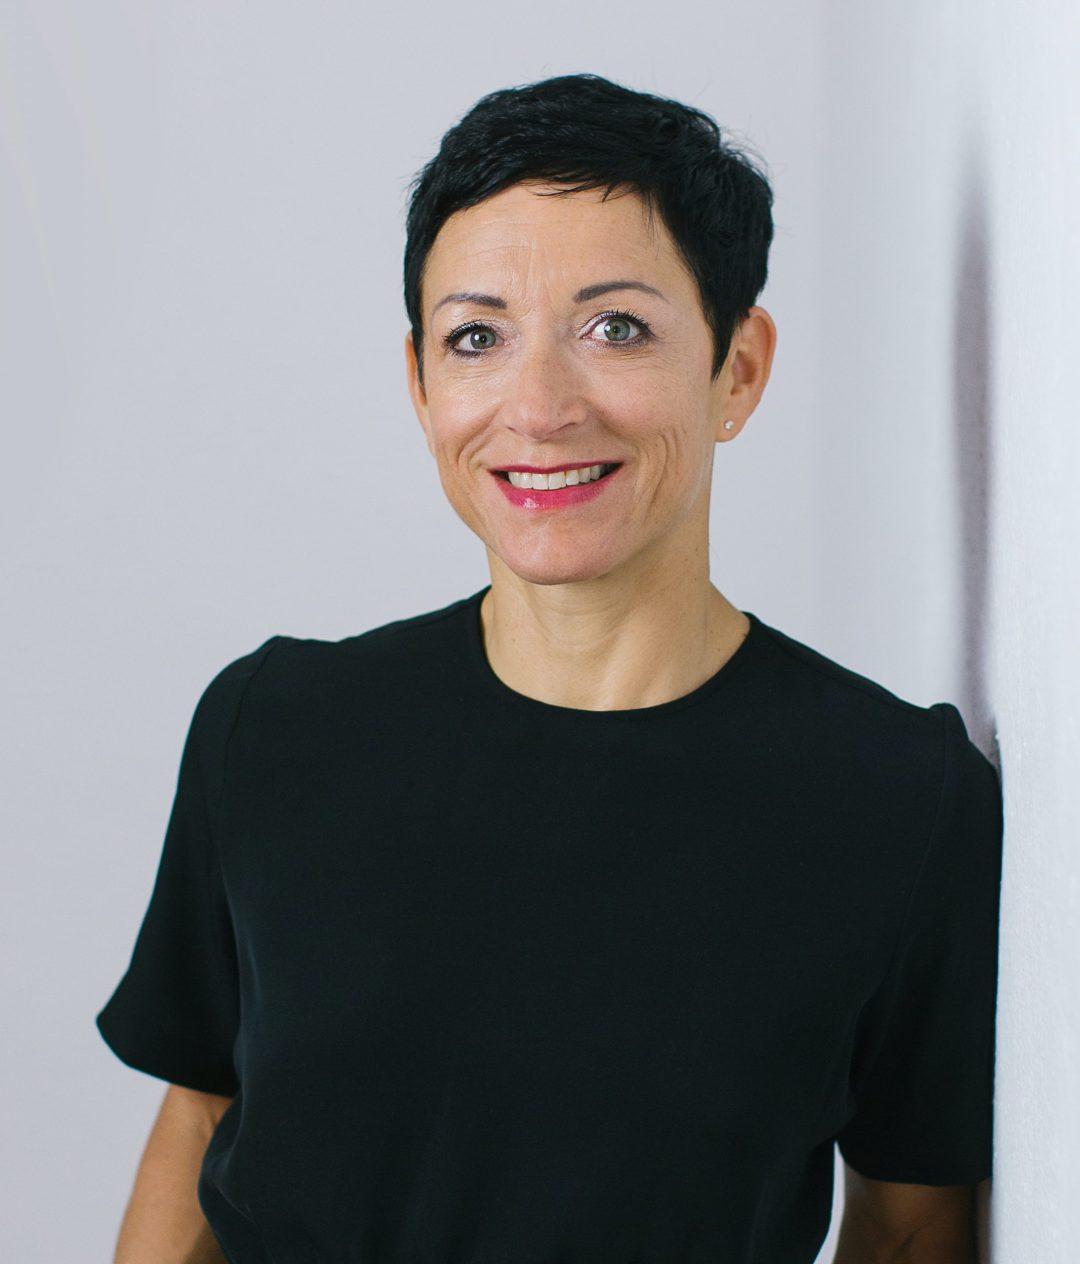 Maria Wedenig